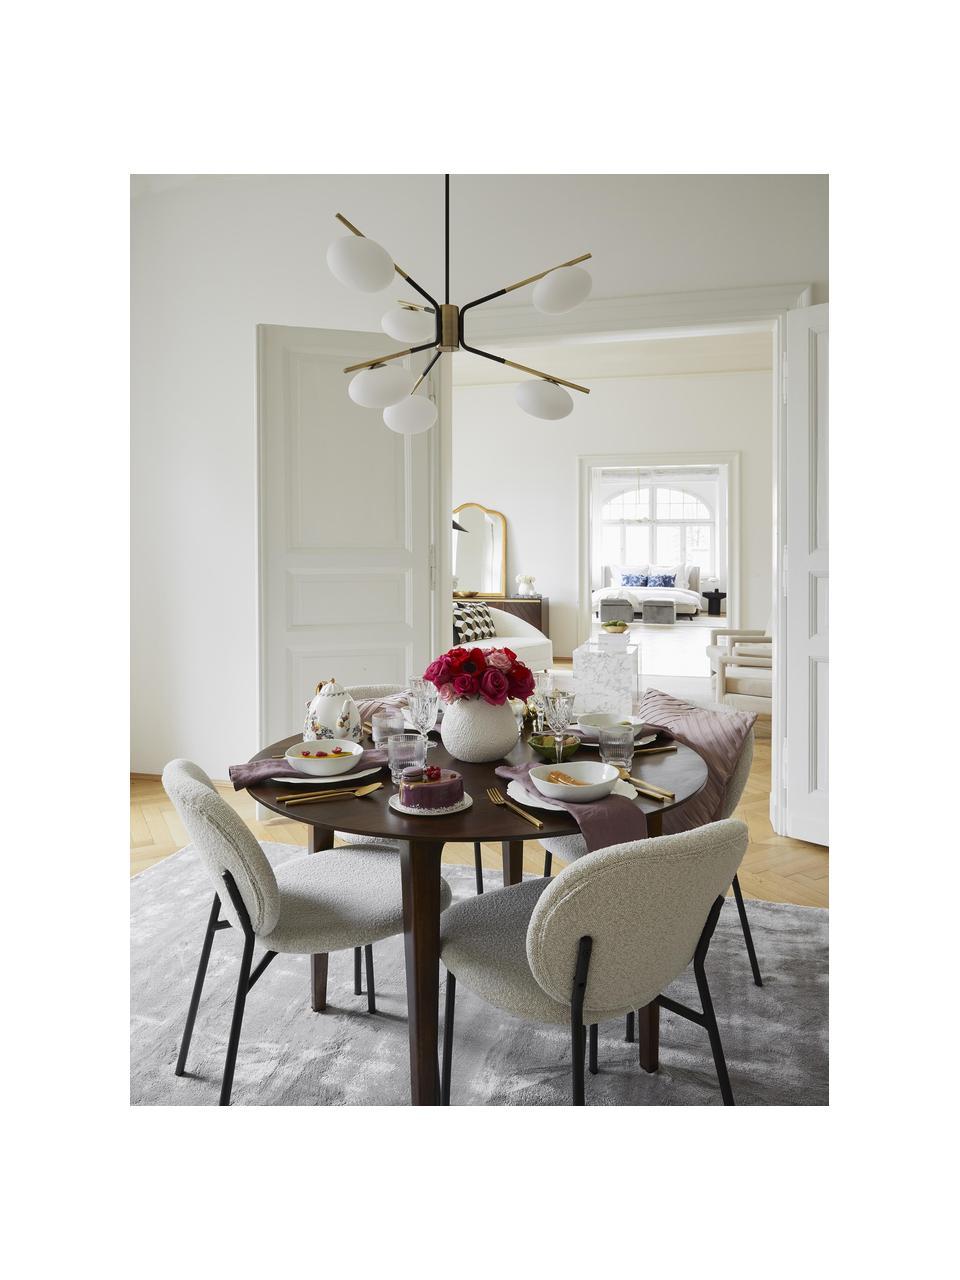 Grote design hanglamp Guna, Baldakijn: gepoedercoat metaal, Mat zwart. Lampframe: messingkleurig, mat, Ø 70 cm